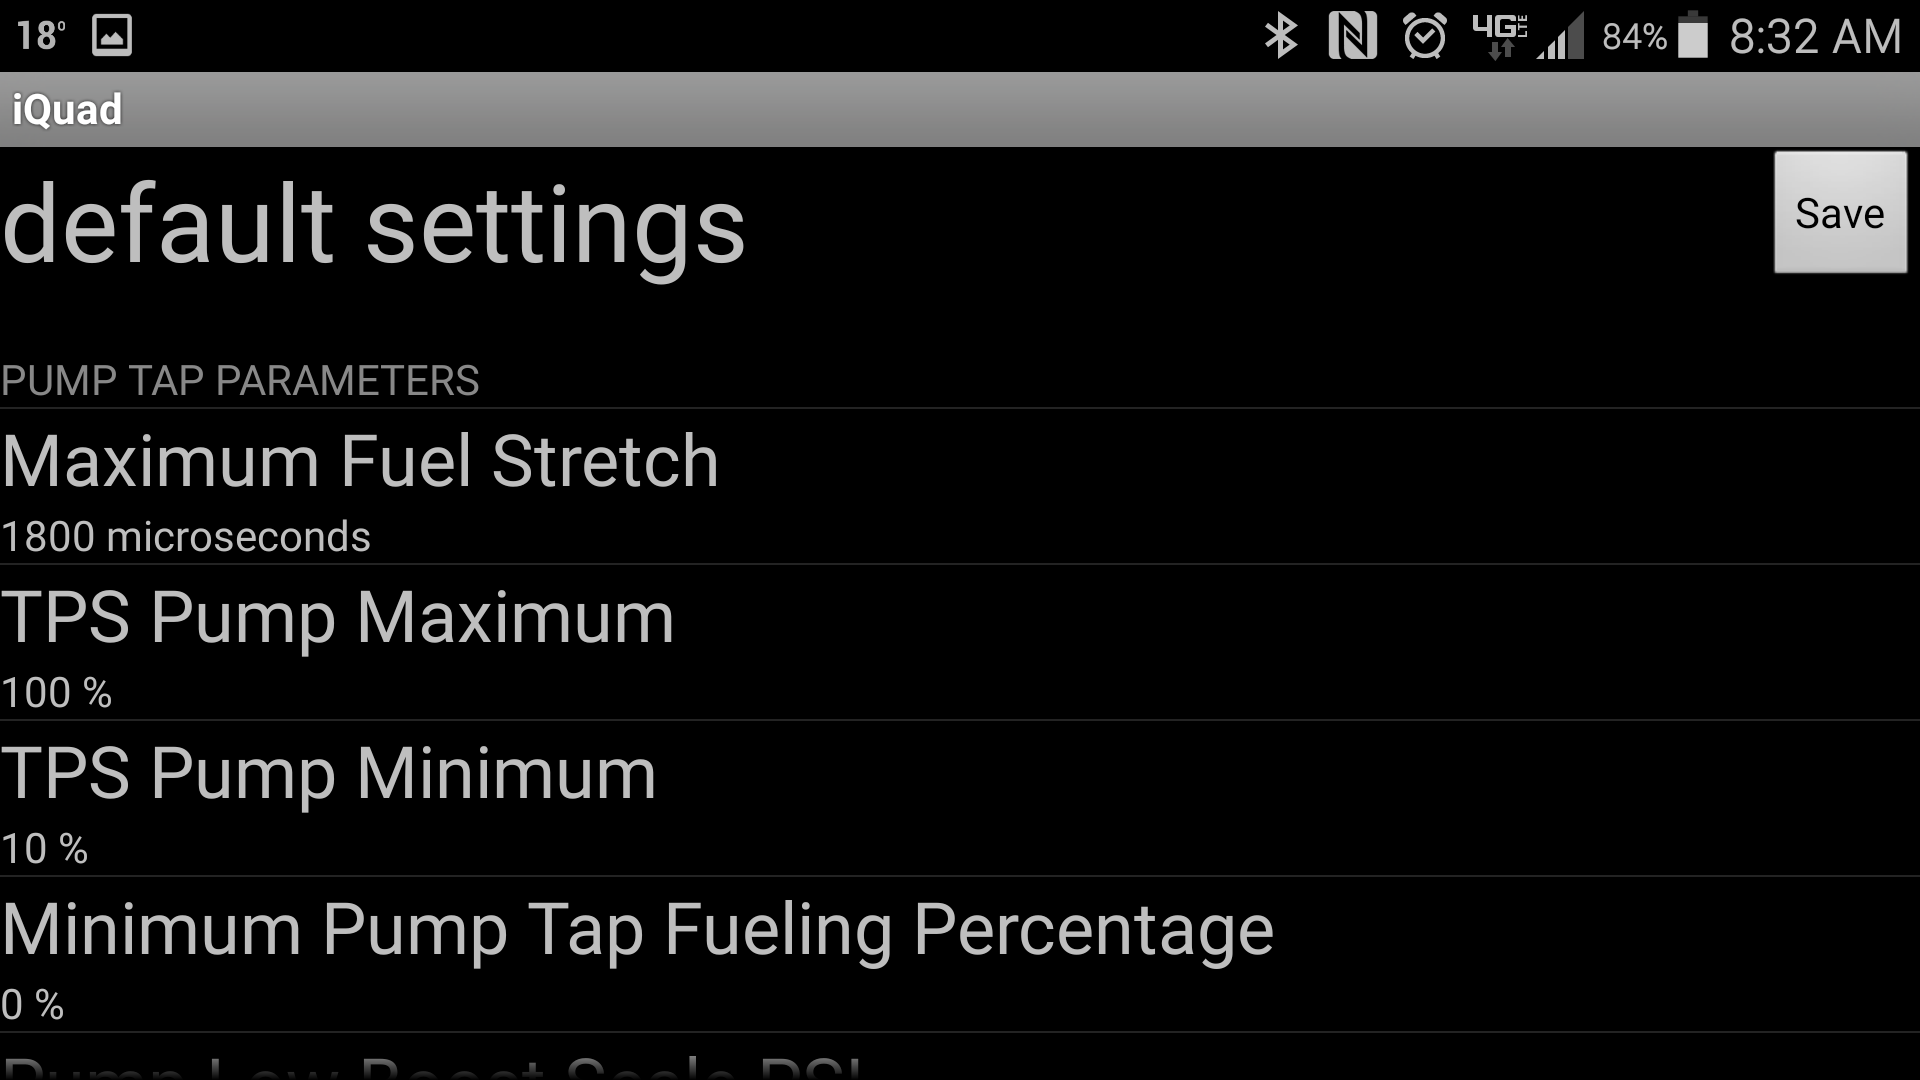 pump-tap-parameters-1.png